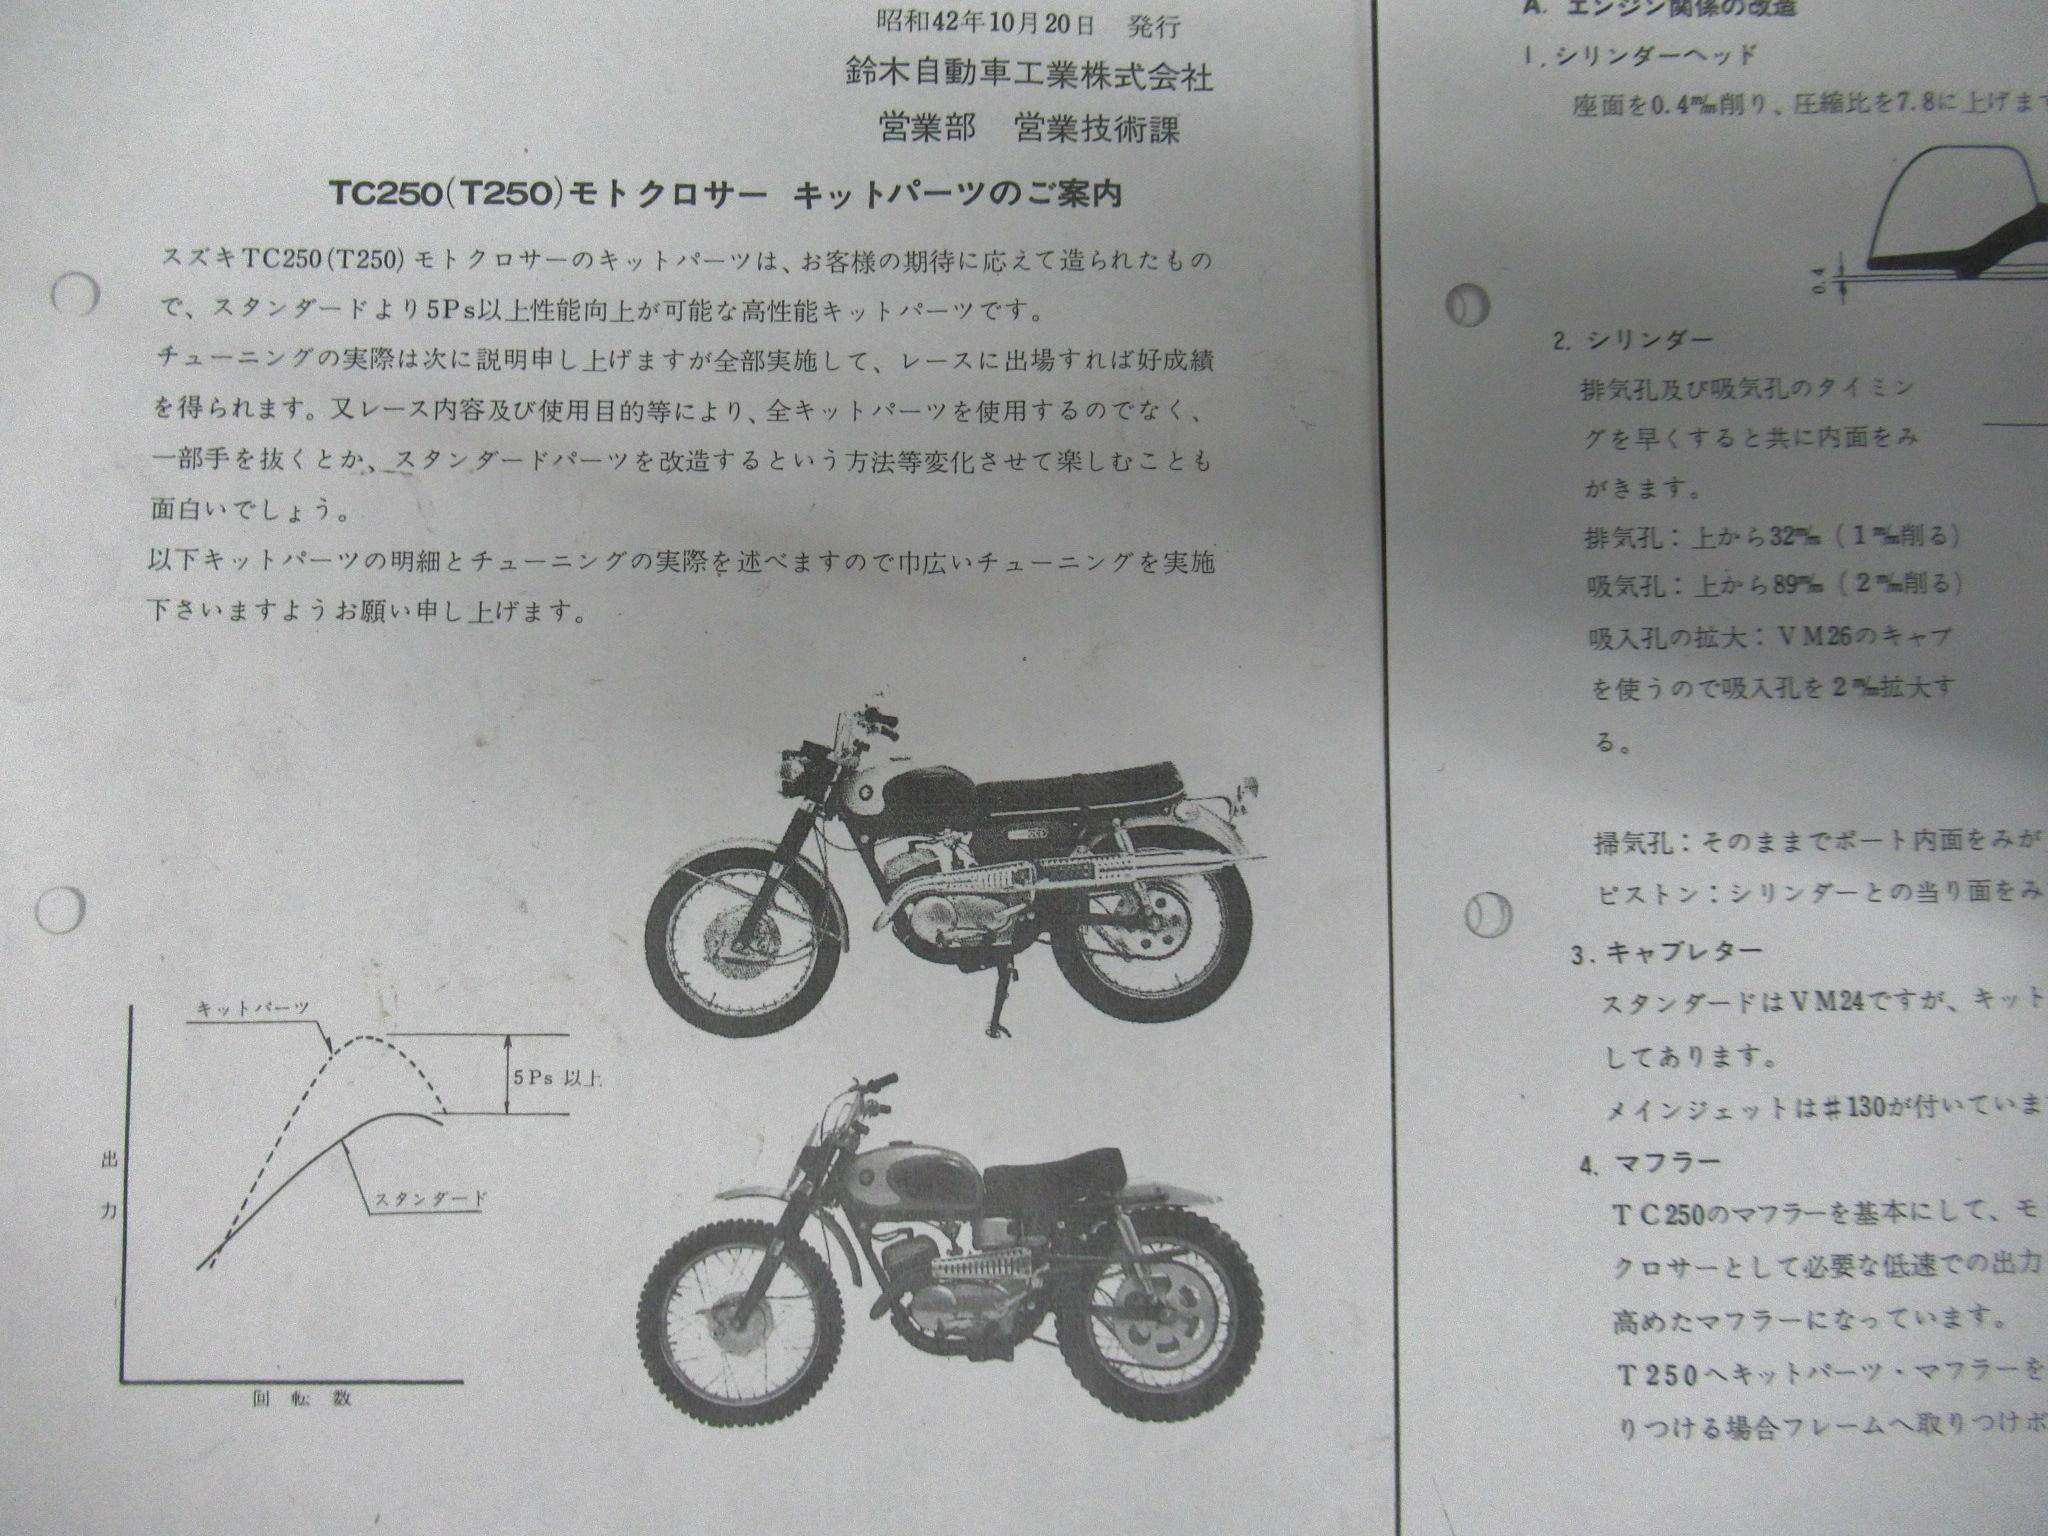 http://www.precious-factory.com/preciousfactory2010/IMG_0721.JPG